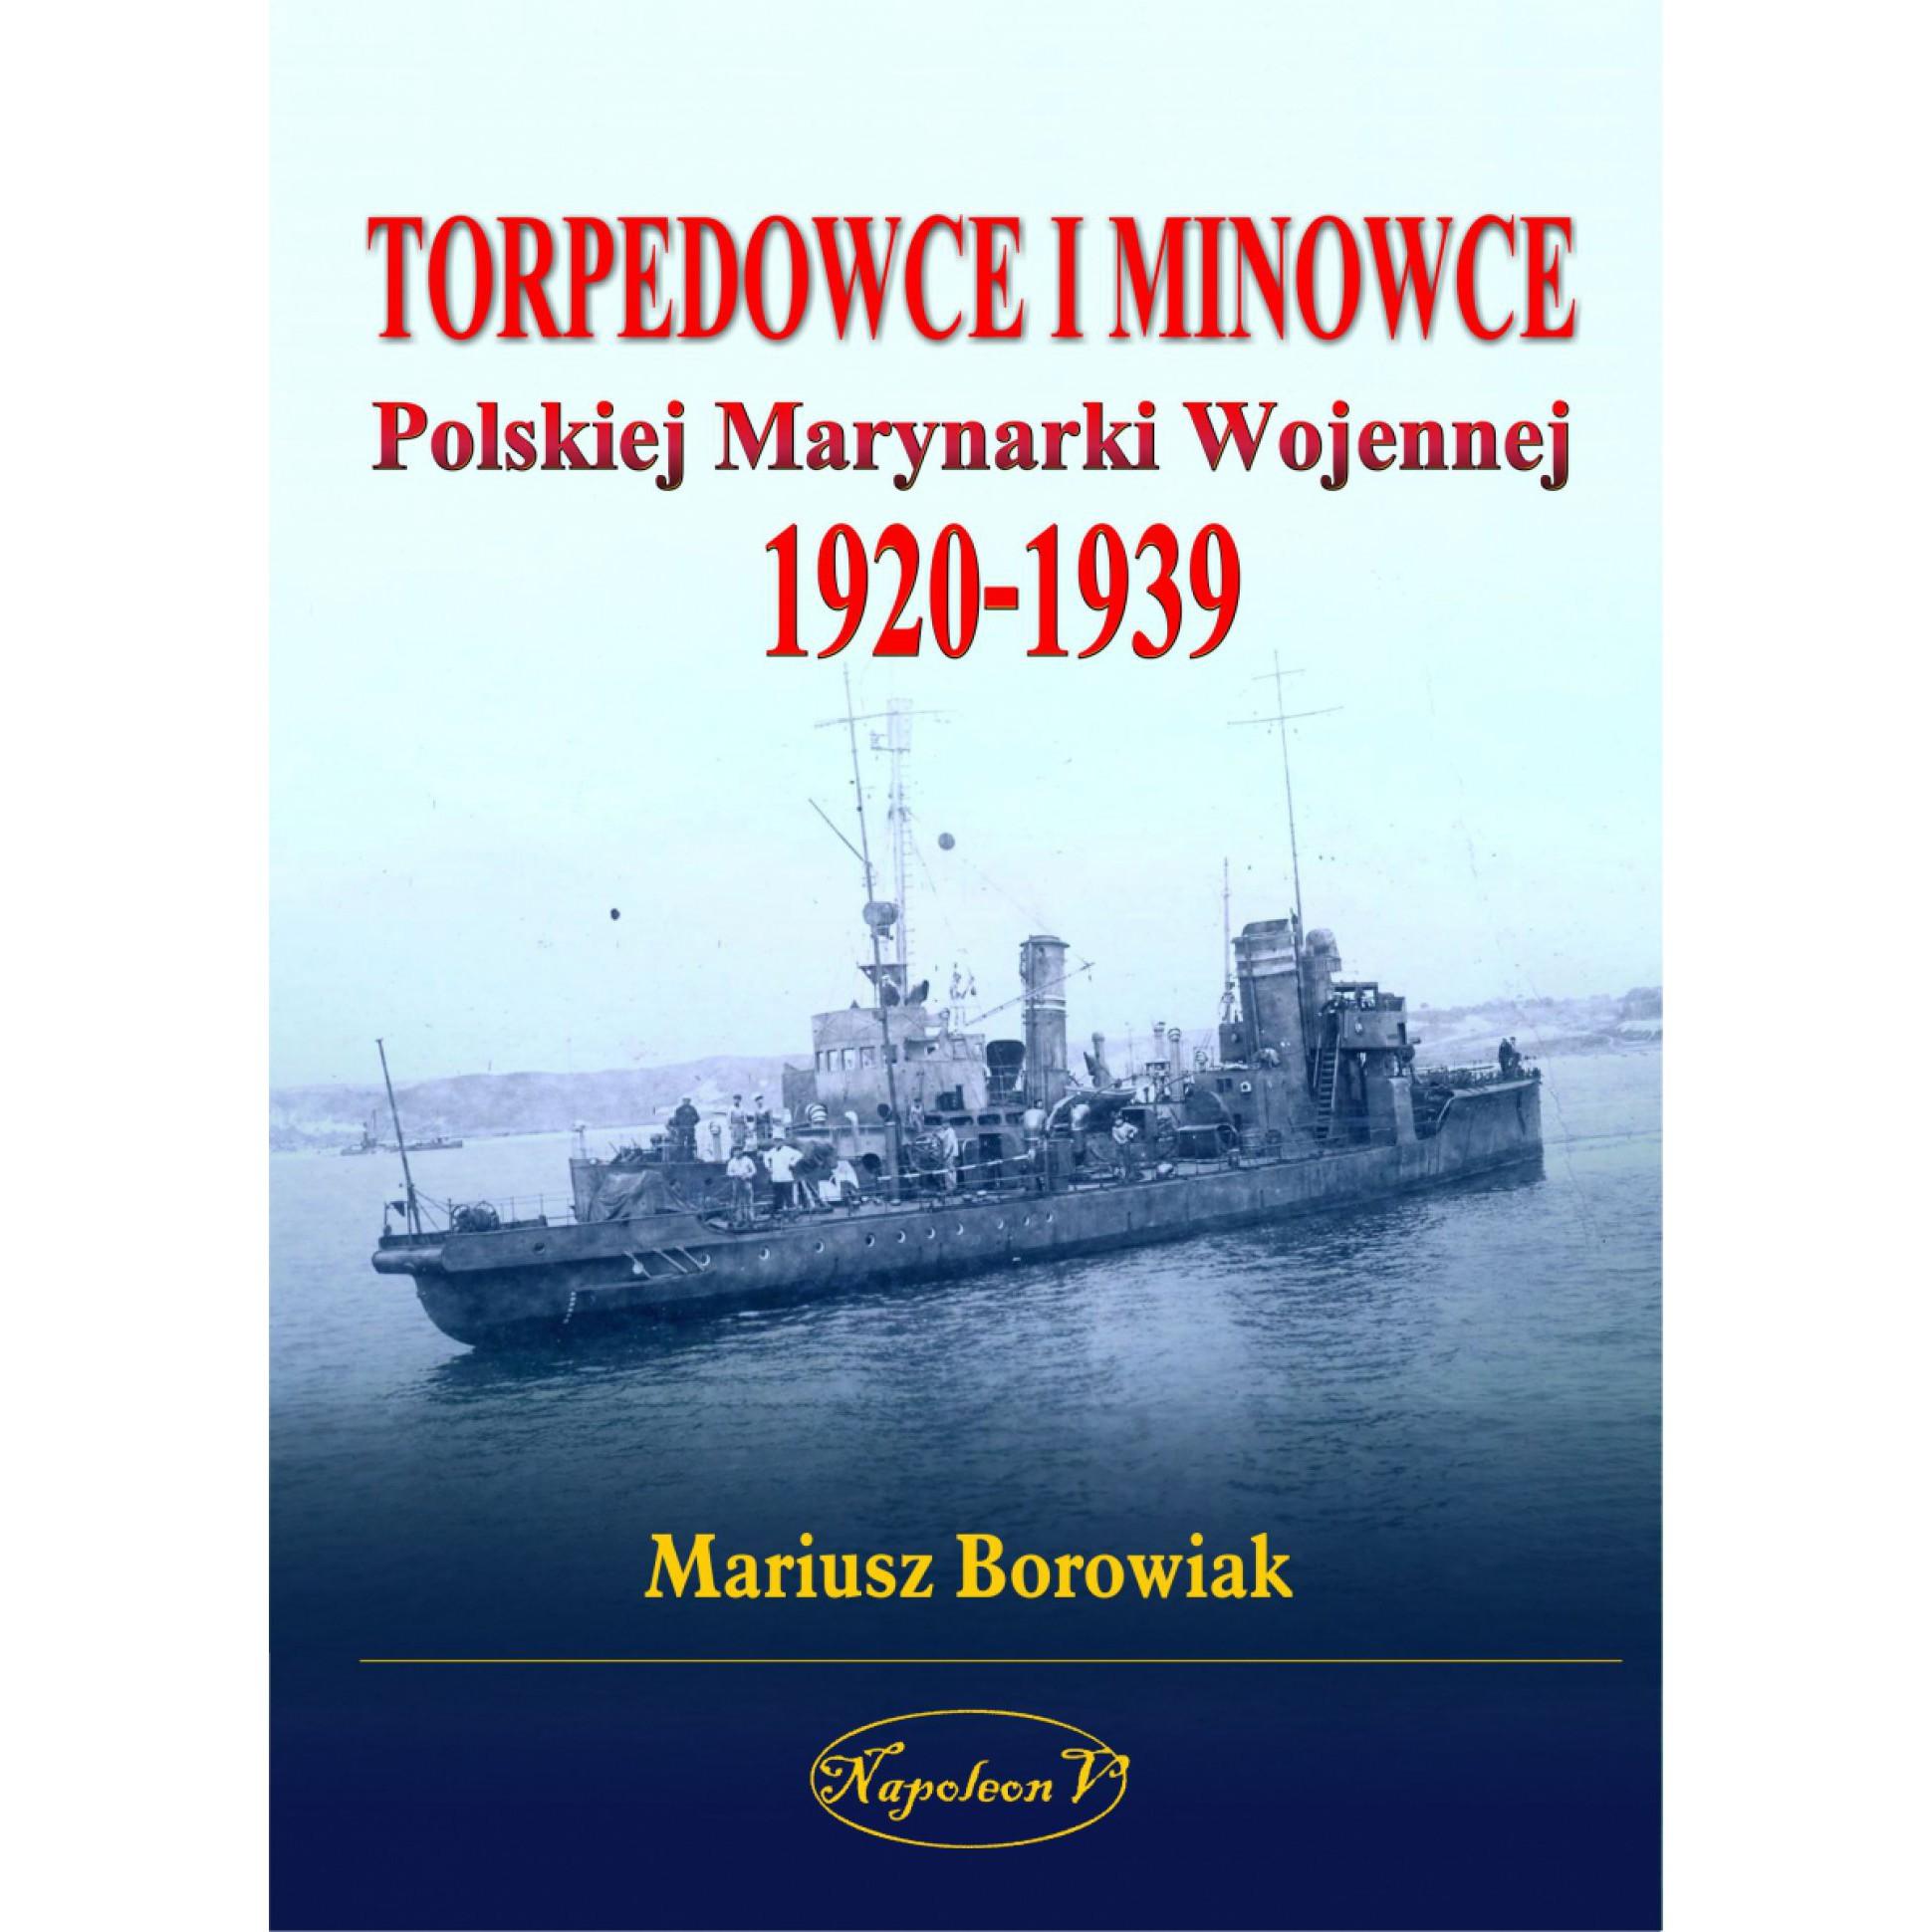 Torpedowce i minowce Polskiej Marynarki Wojennej 1920-1939